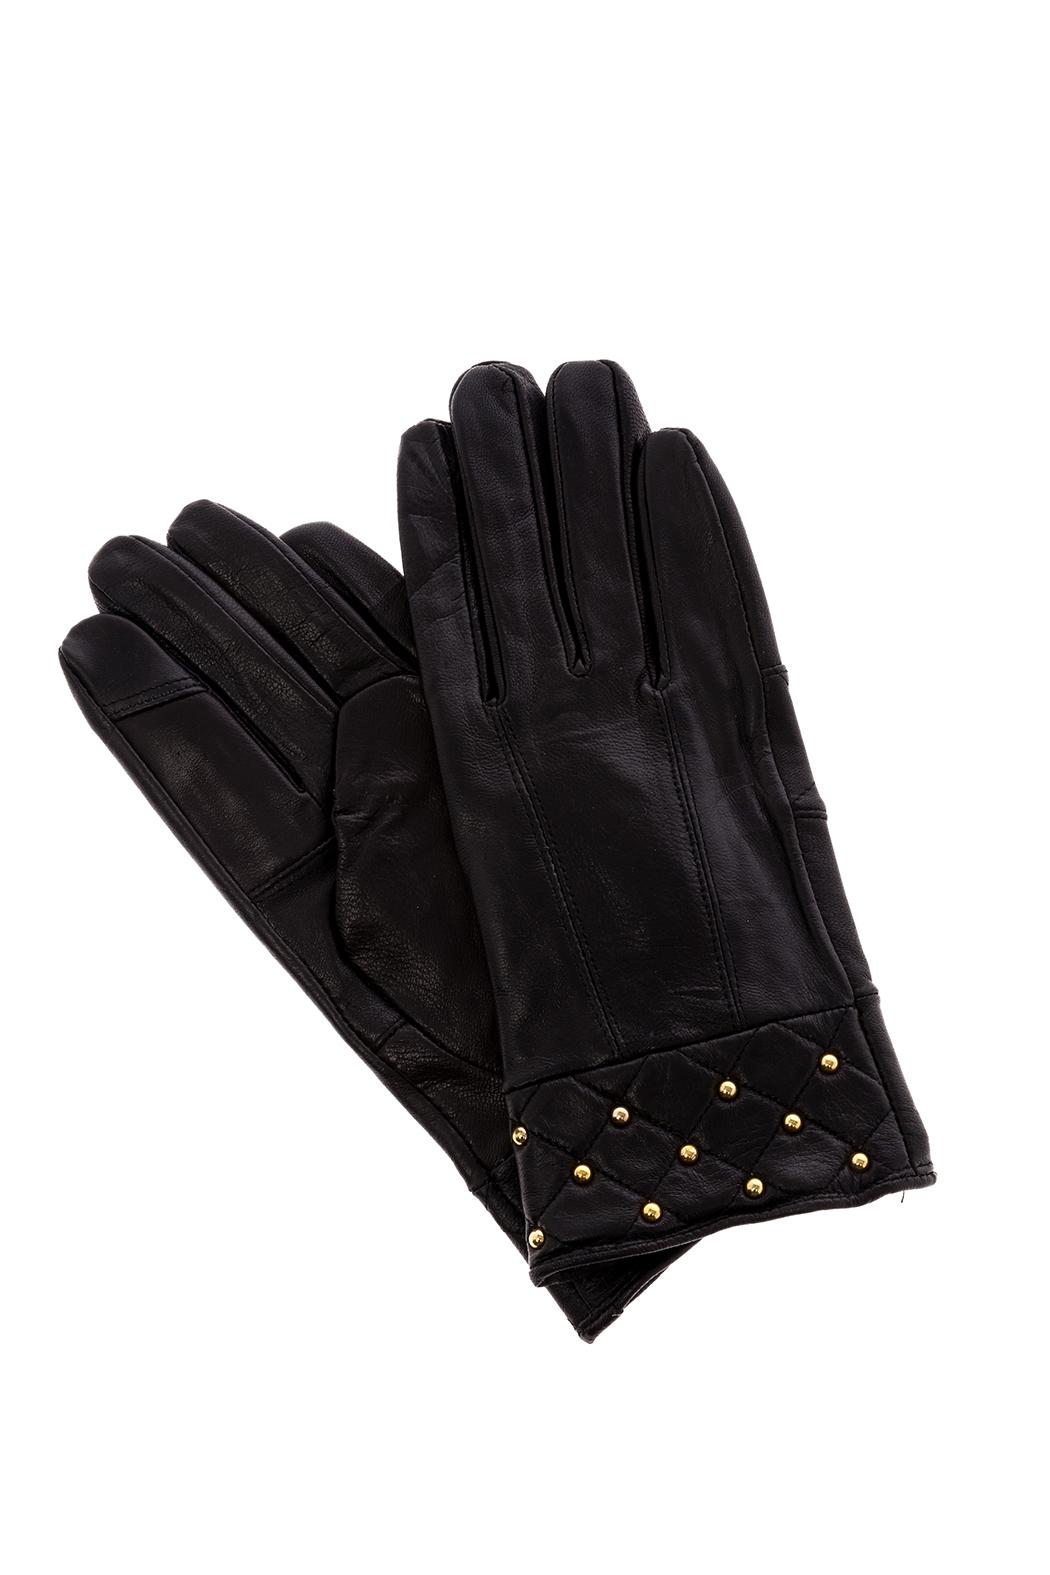 marcus-adler-vegan-gloves-853e6b7e_l.jpg